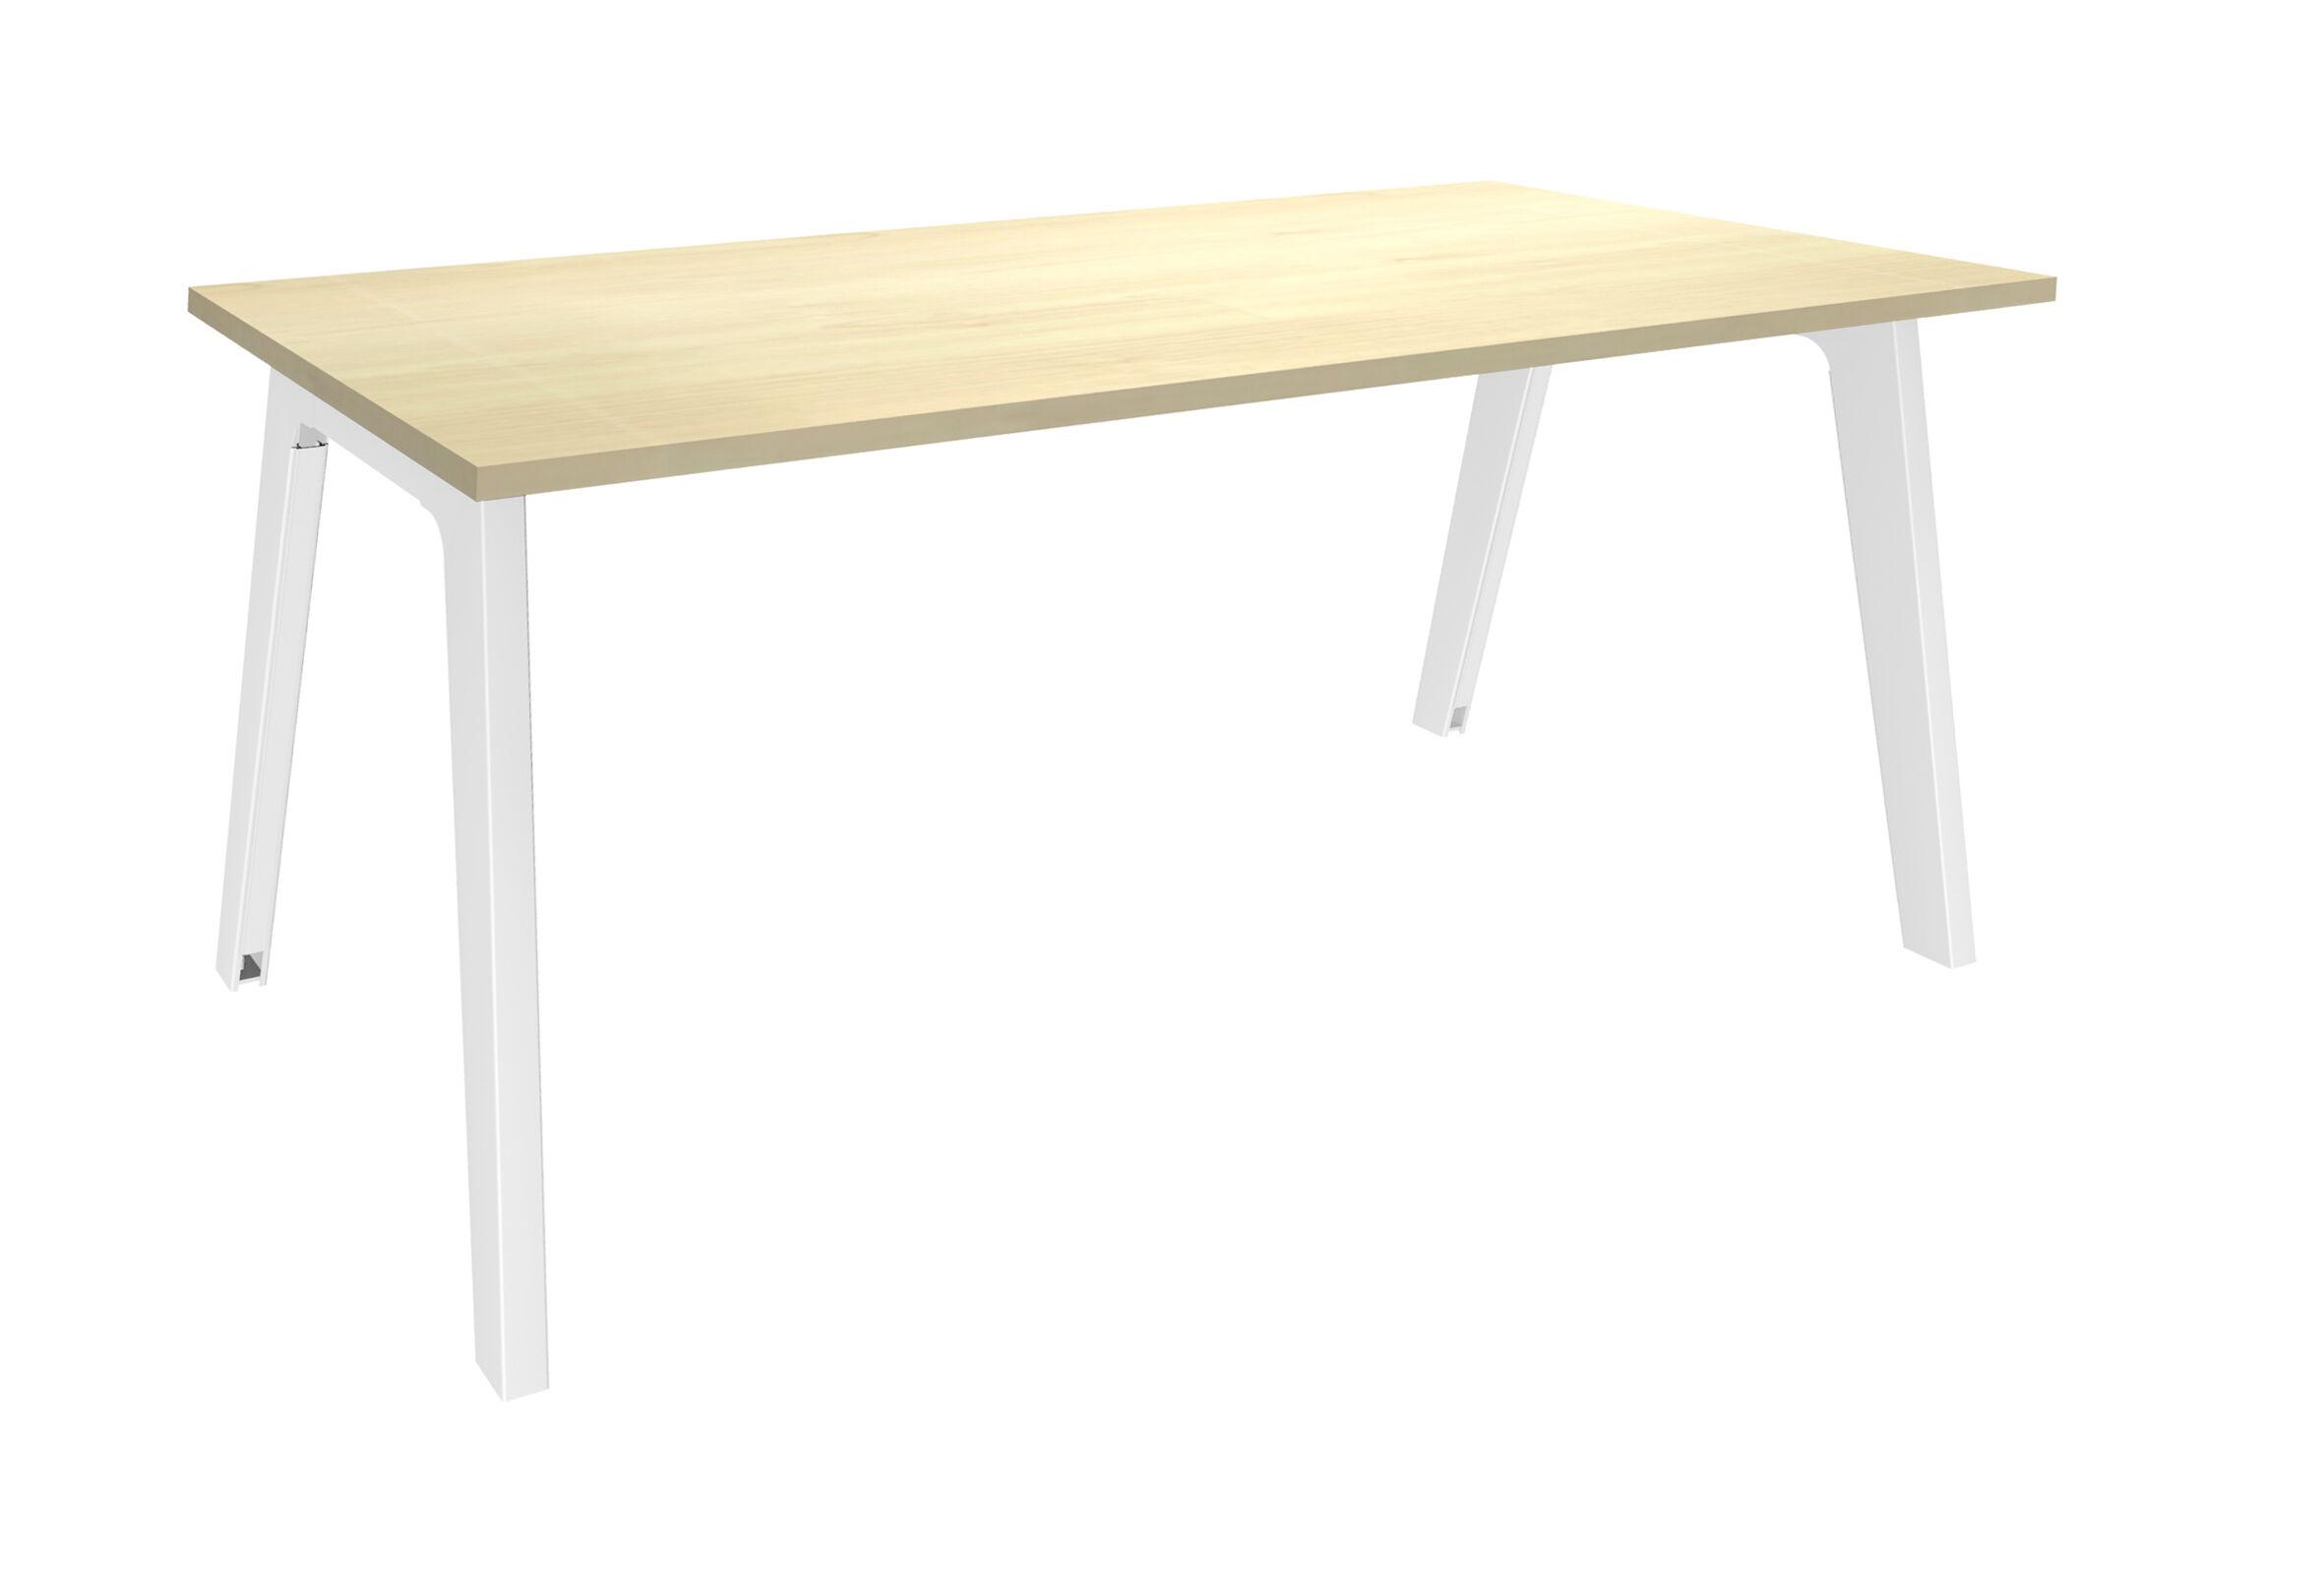 Bureau simple STEELY - L180 cm - Plan de départ - Pieds blanc - plateau imitation Erable